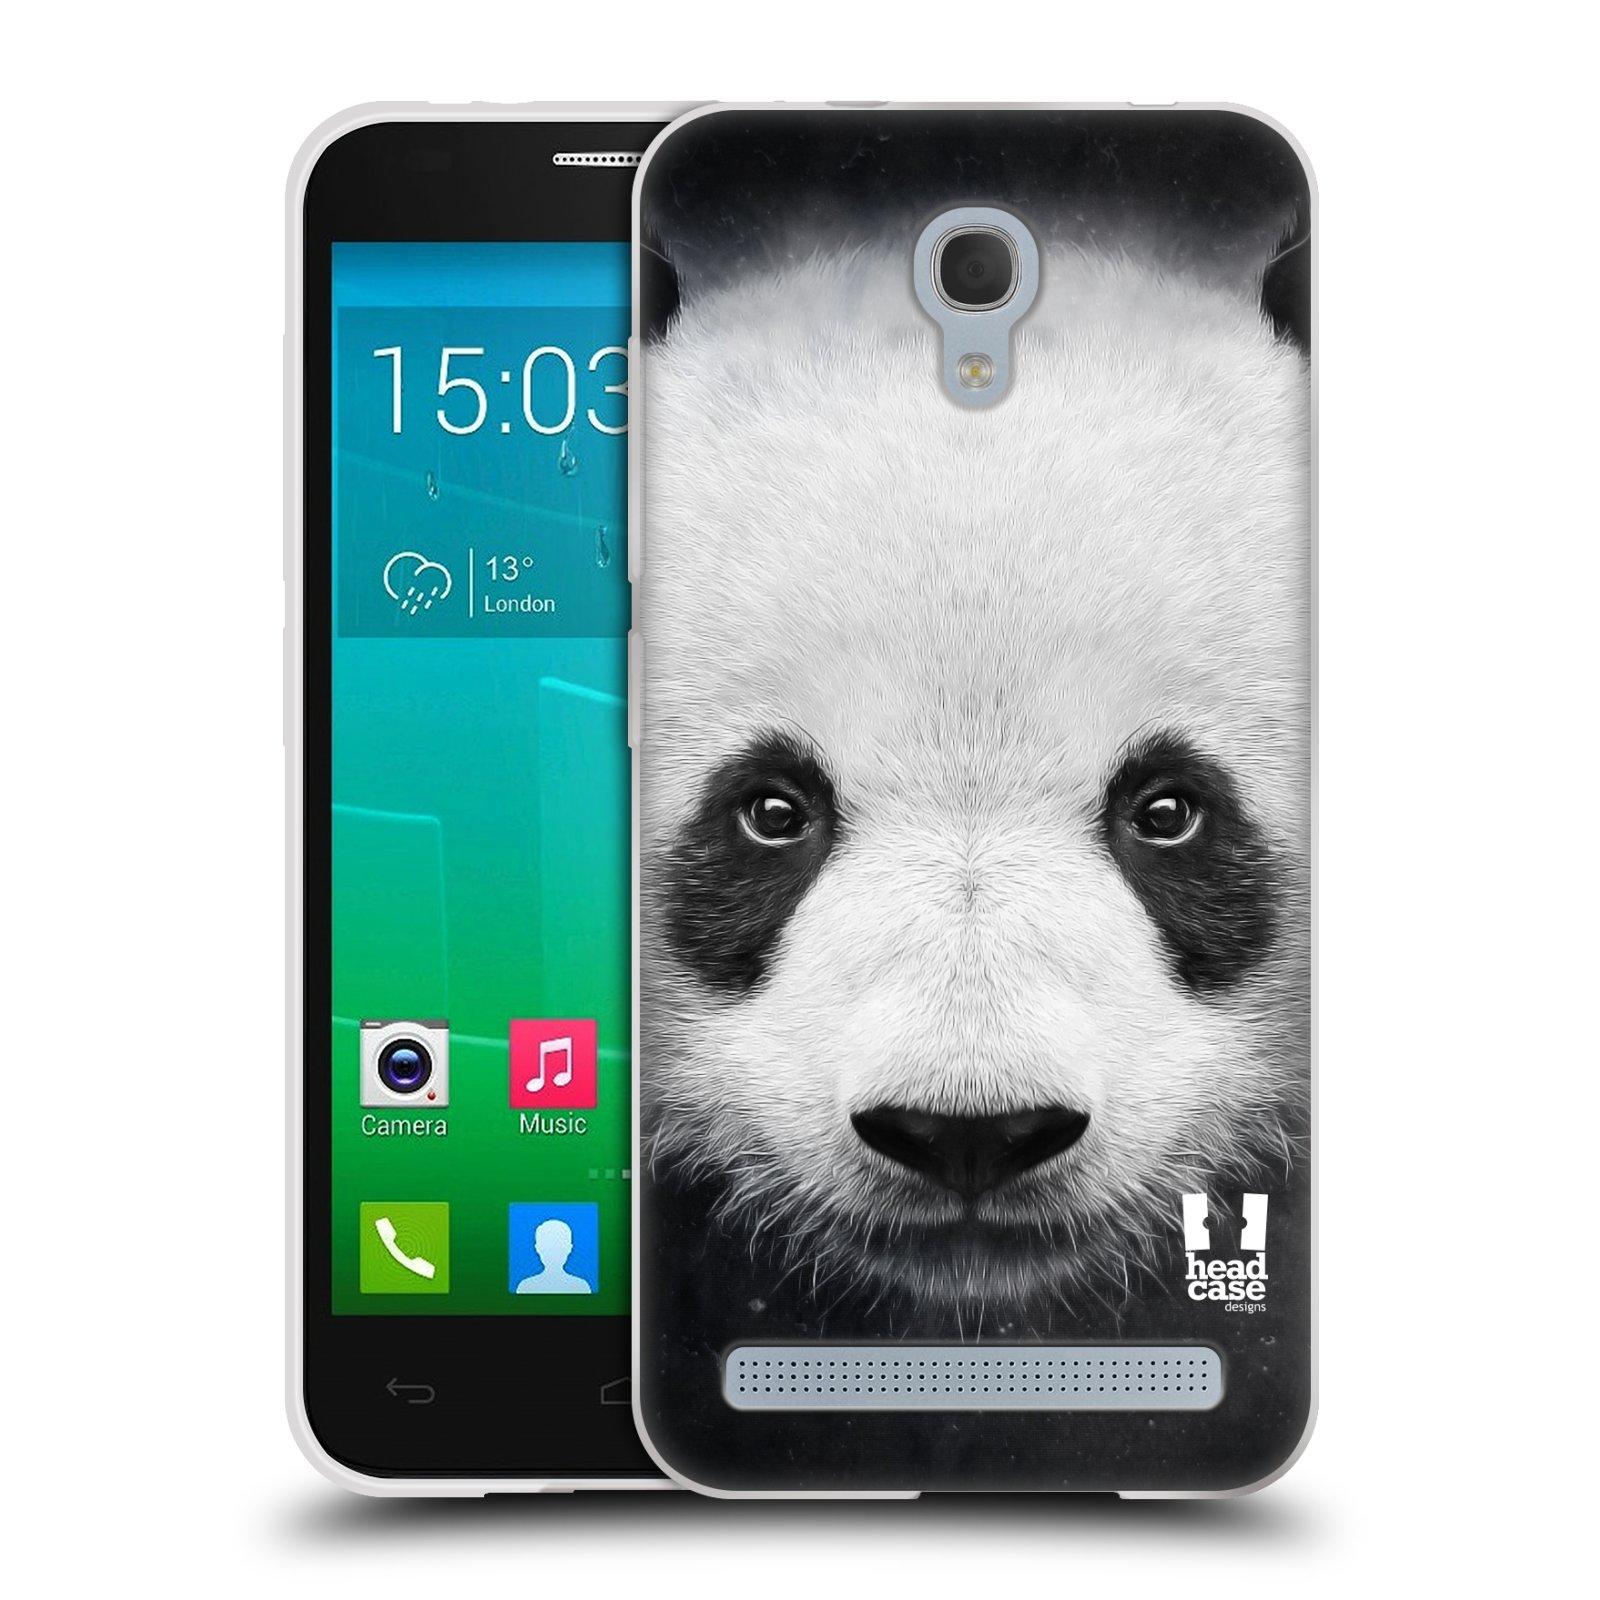 HEAD CASE silikonový obal na mobil Alcatel Idol 2 MINI S 6036Y vzor Zvířecí tváře medvěd panda